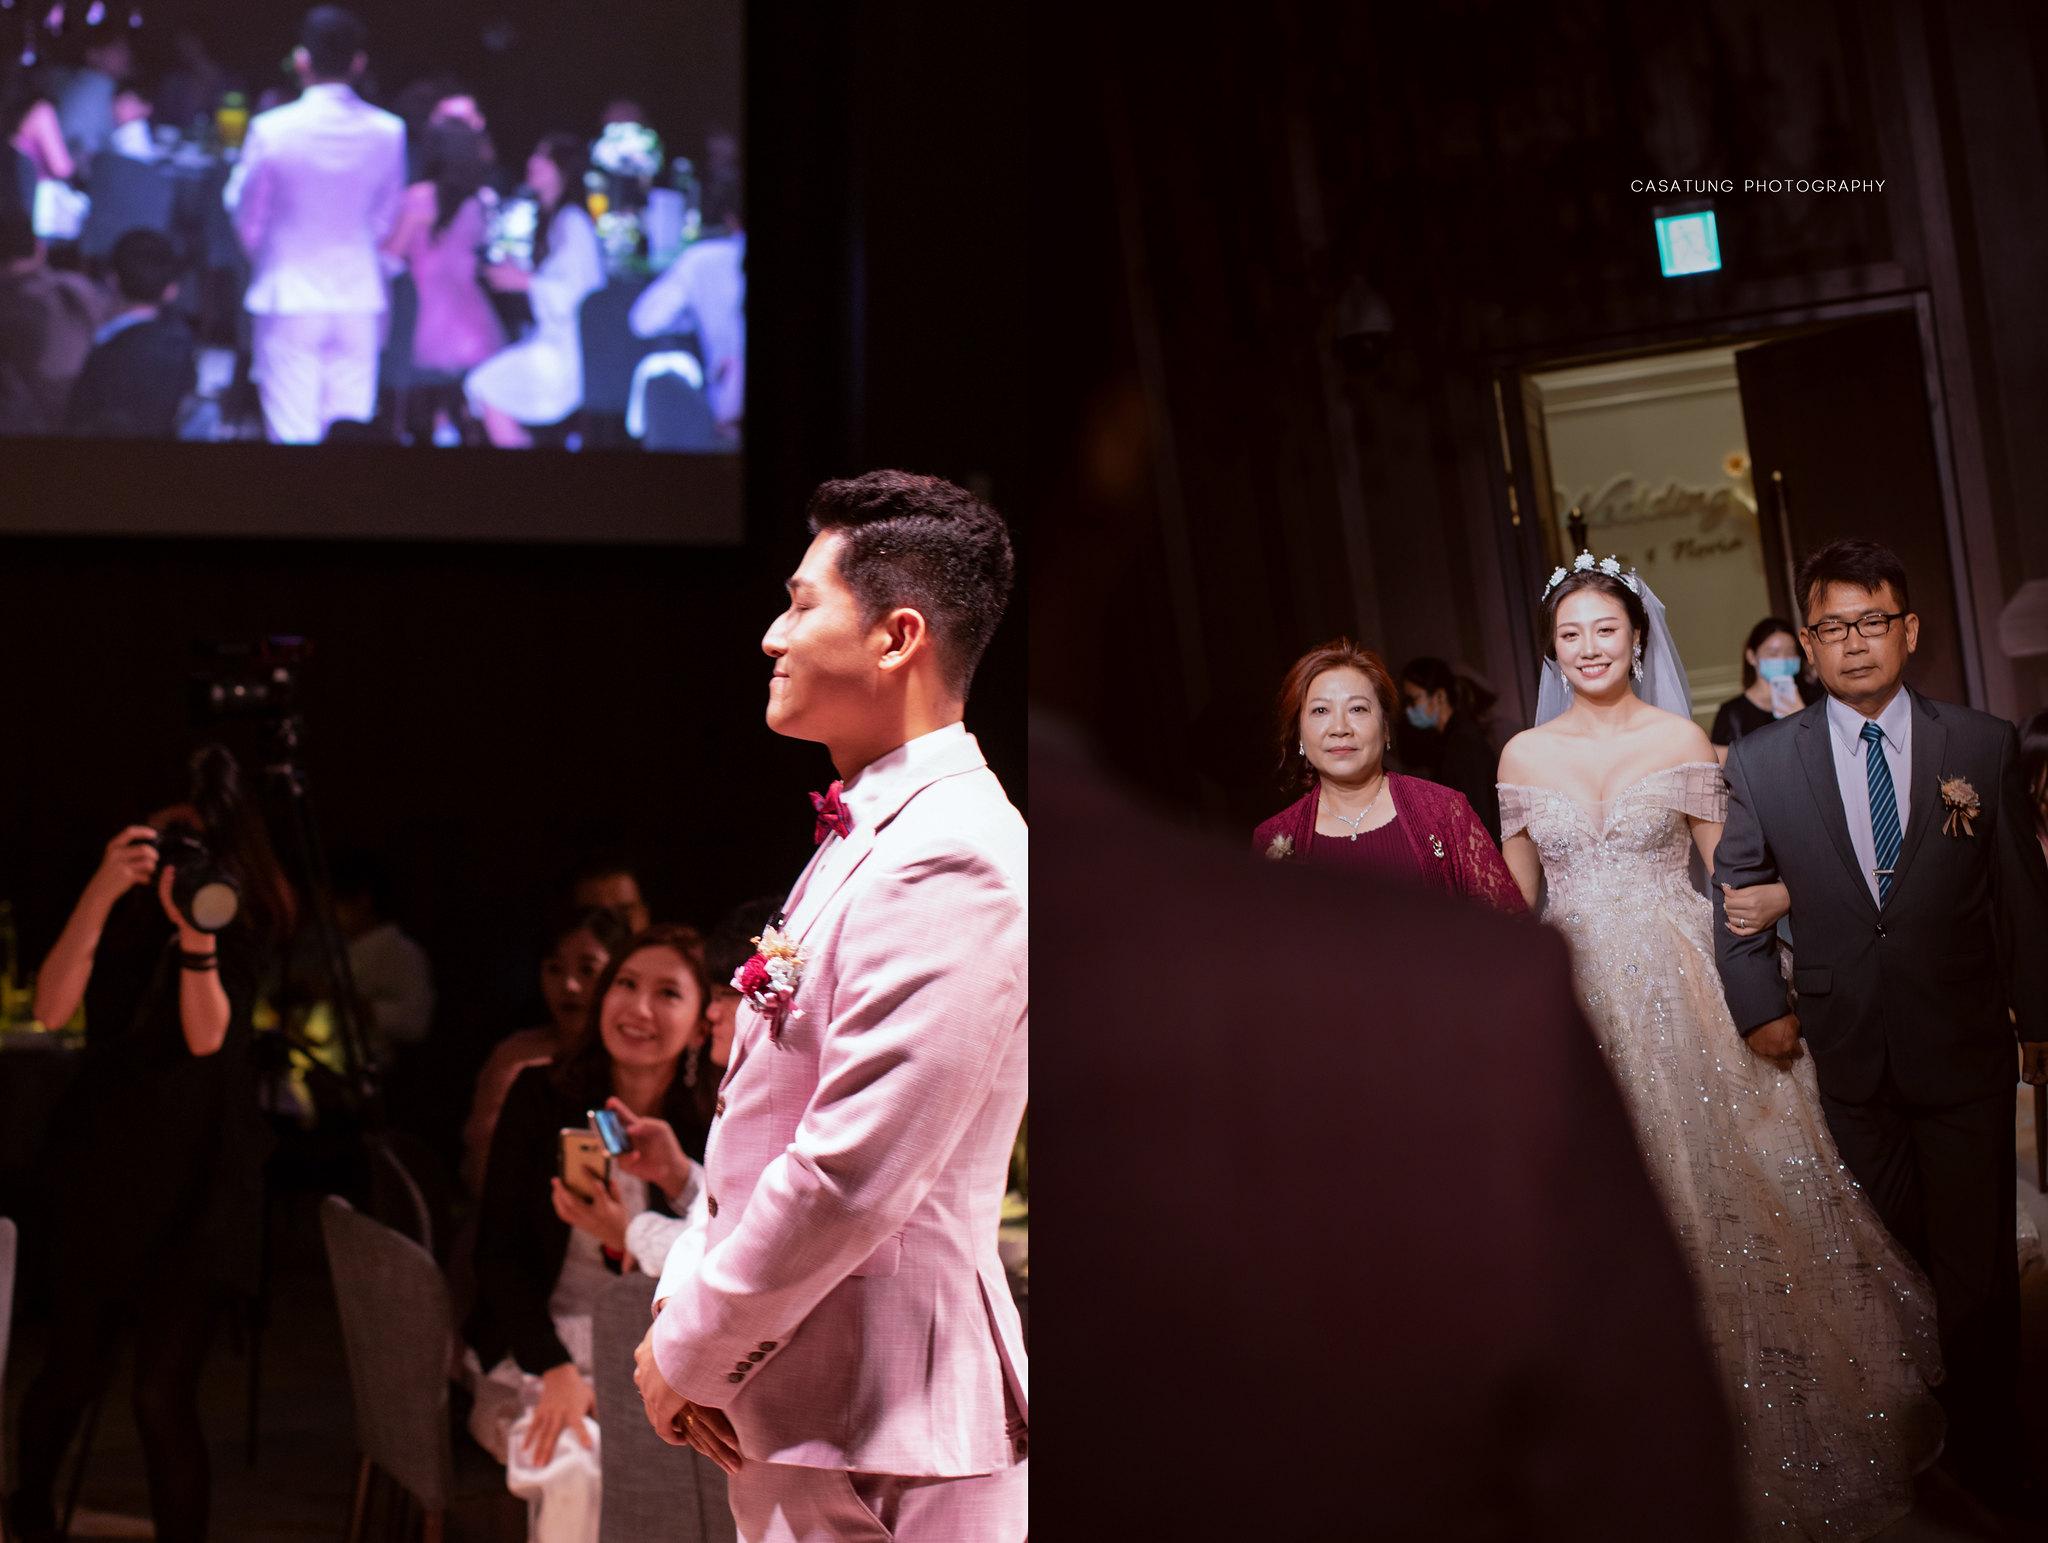 戶外婚禮, 手工婚紗, 台中婚攝, 自助婚紗, 婚紗工作室, 婚紗推薦旋轉木馬, 婚攝推廷, 婚攝CASA, 推薦婚攝, 旋轉木馬婚紗, 萊特維庭婚禮, 禮服出租, lightweeding,萊特薇庭婚攝-97